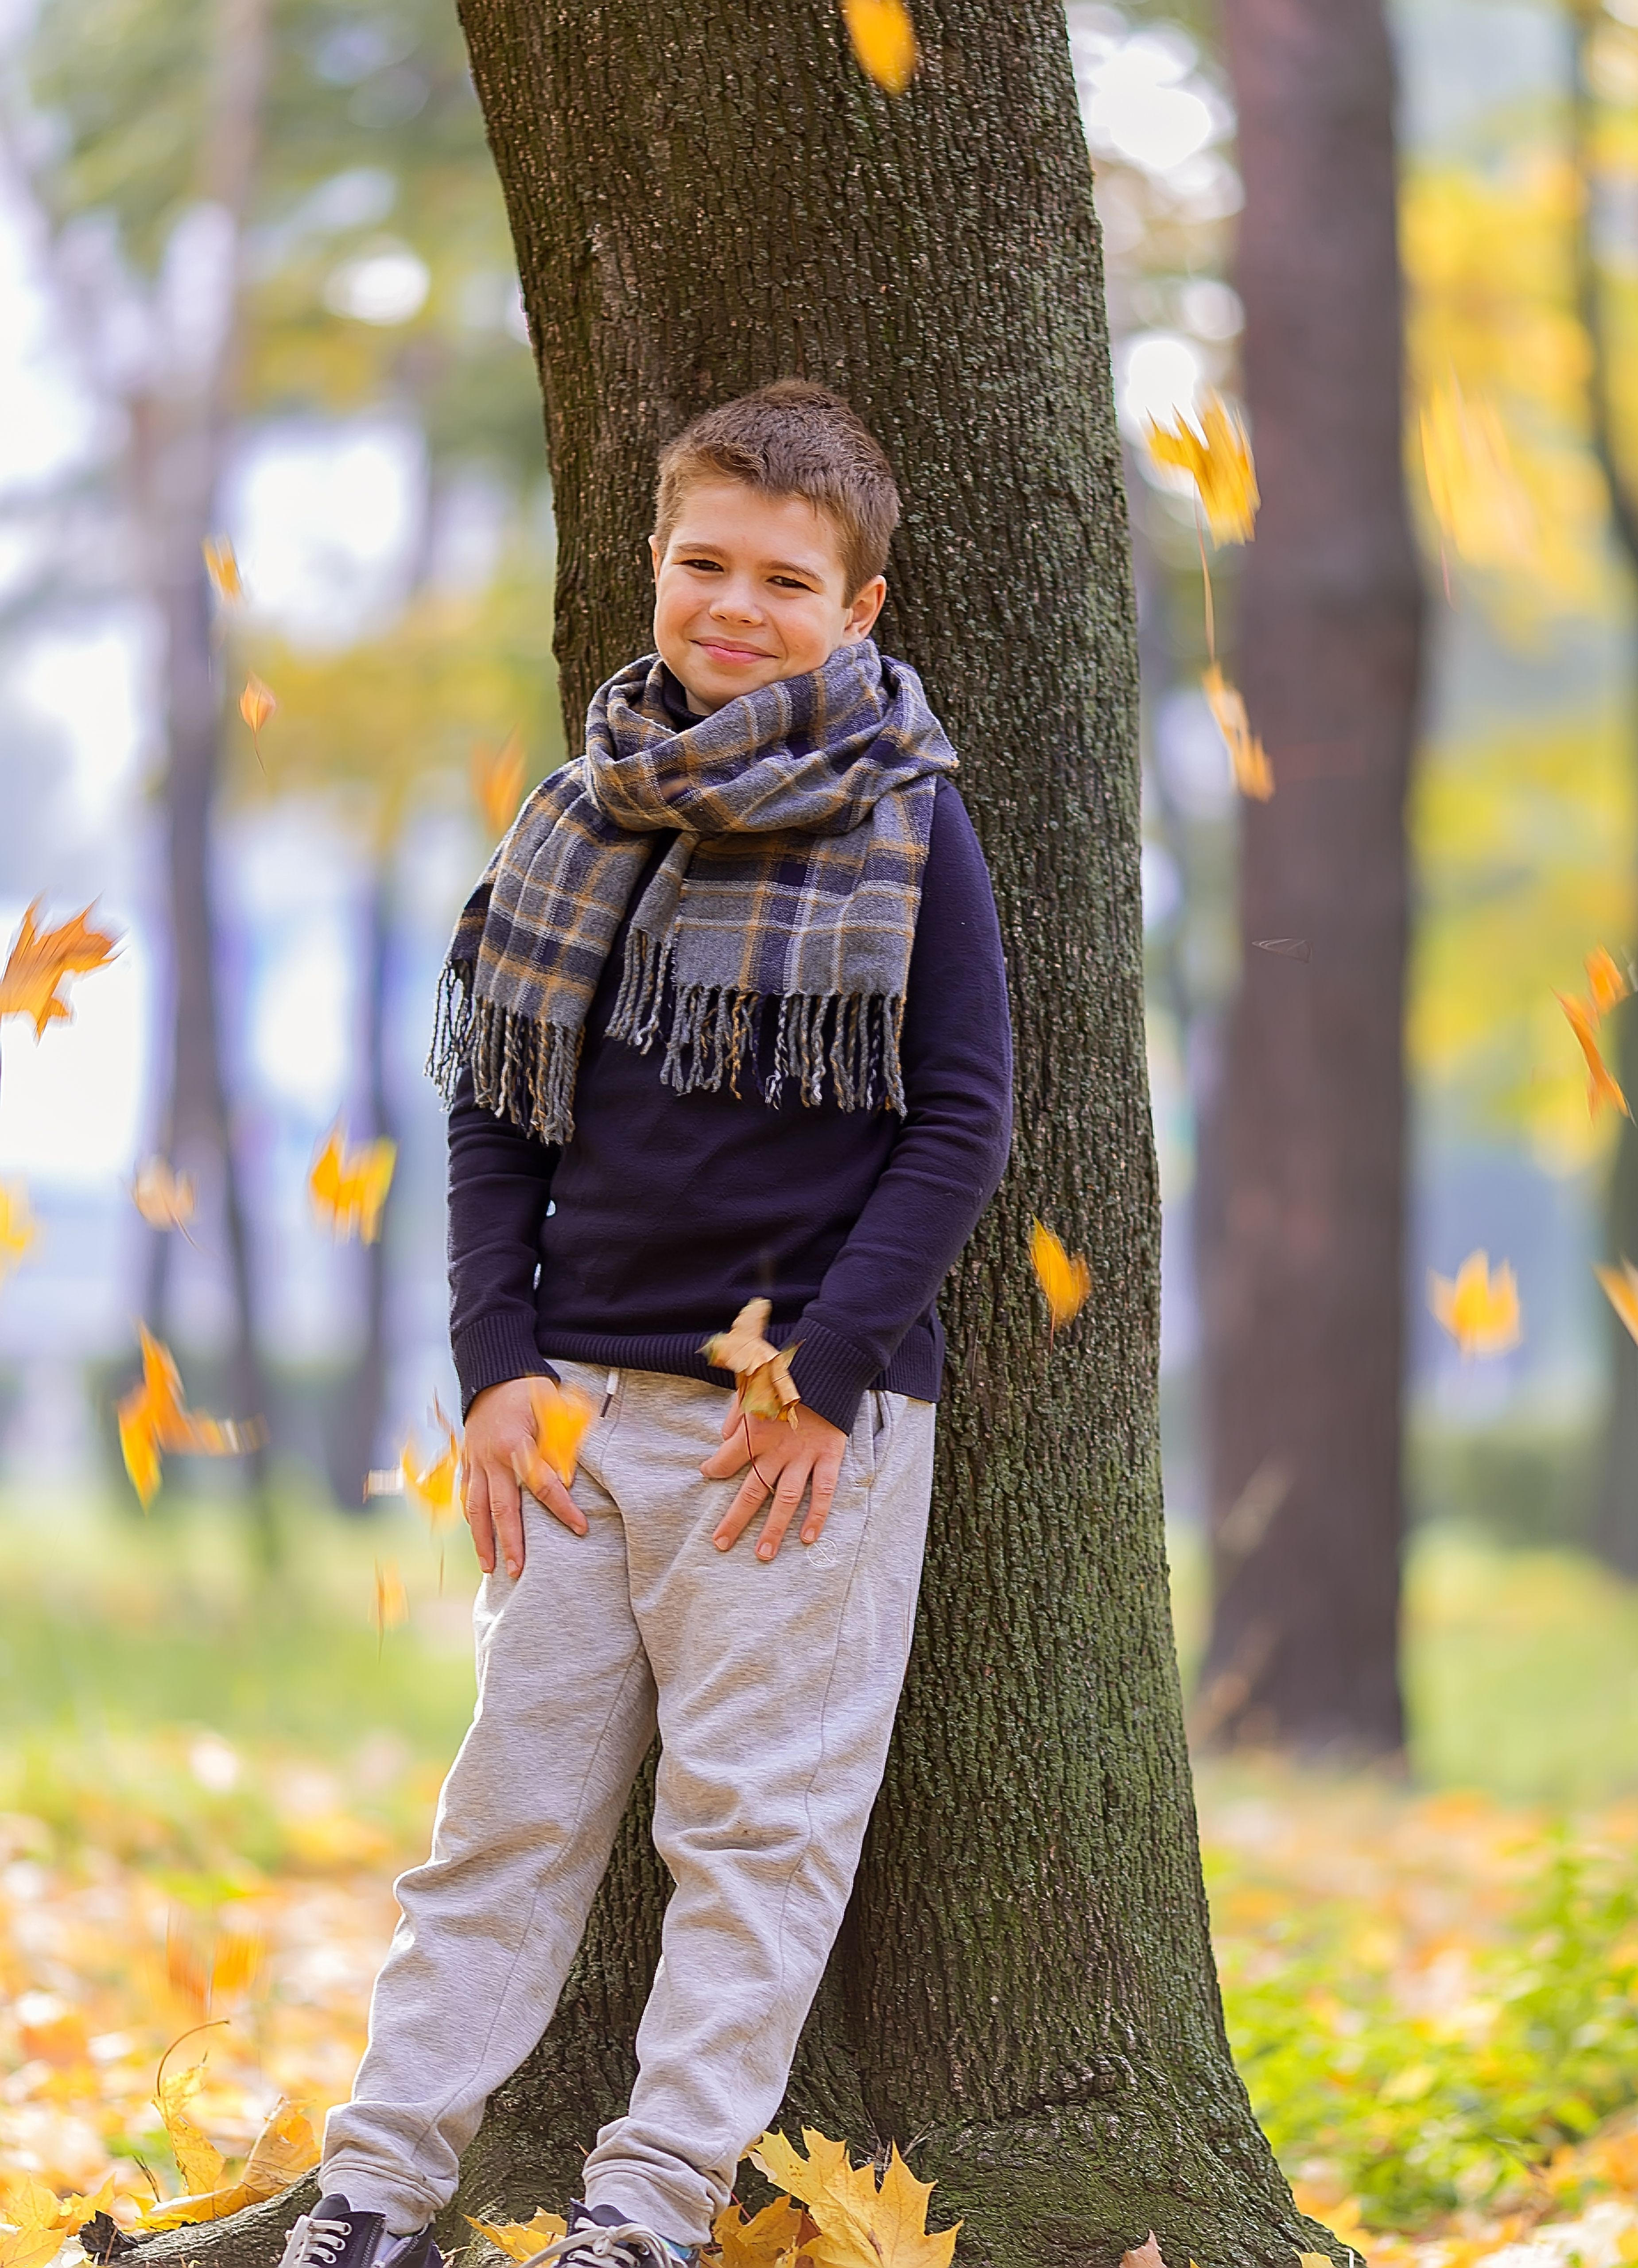 Золотая осень - фотосессия в парке   Children photography ...